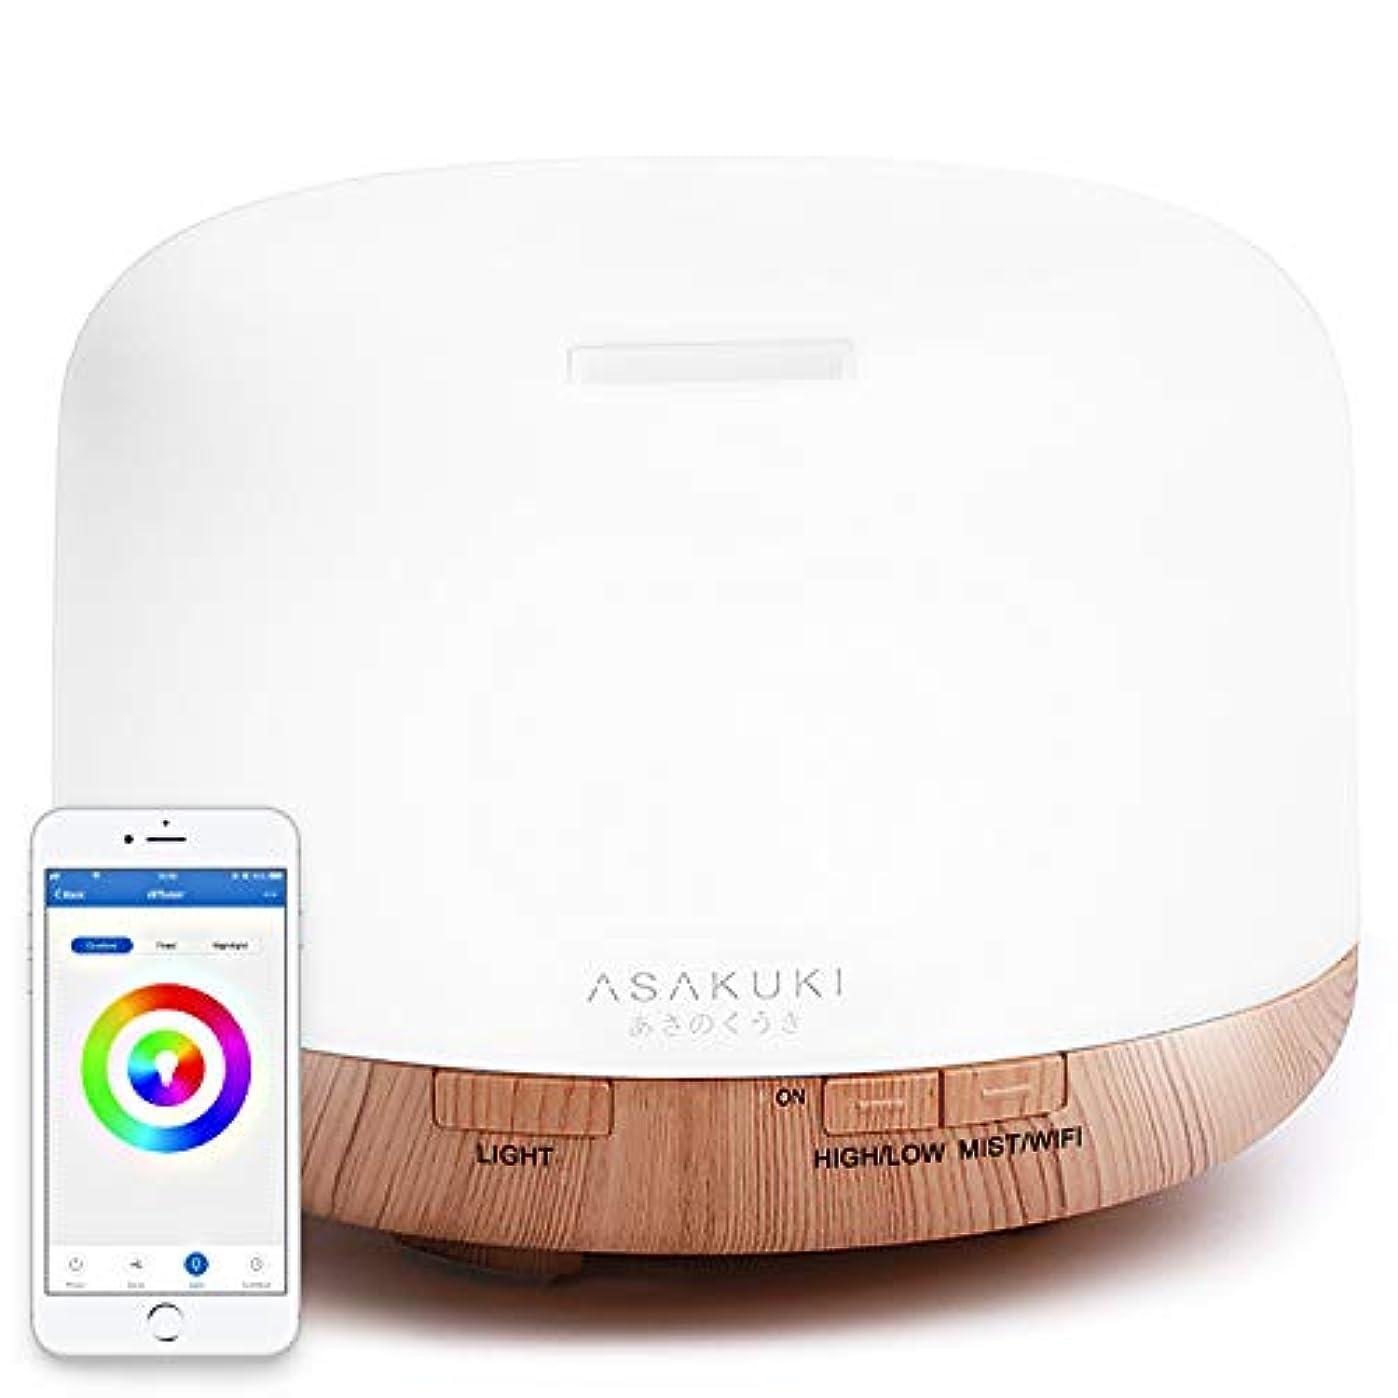 布執着木製ASAKUKI ベッドルーム、オフィス、より良い睡眠&呼吸 雰囲気を緩和するアレクサ2019アップグレード設計500ミリリットルアロマ加湿器と互換性 あるスマート -エッセンシャルオイルディフューザーアプリ制御 標準 2018...